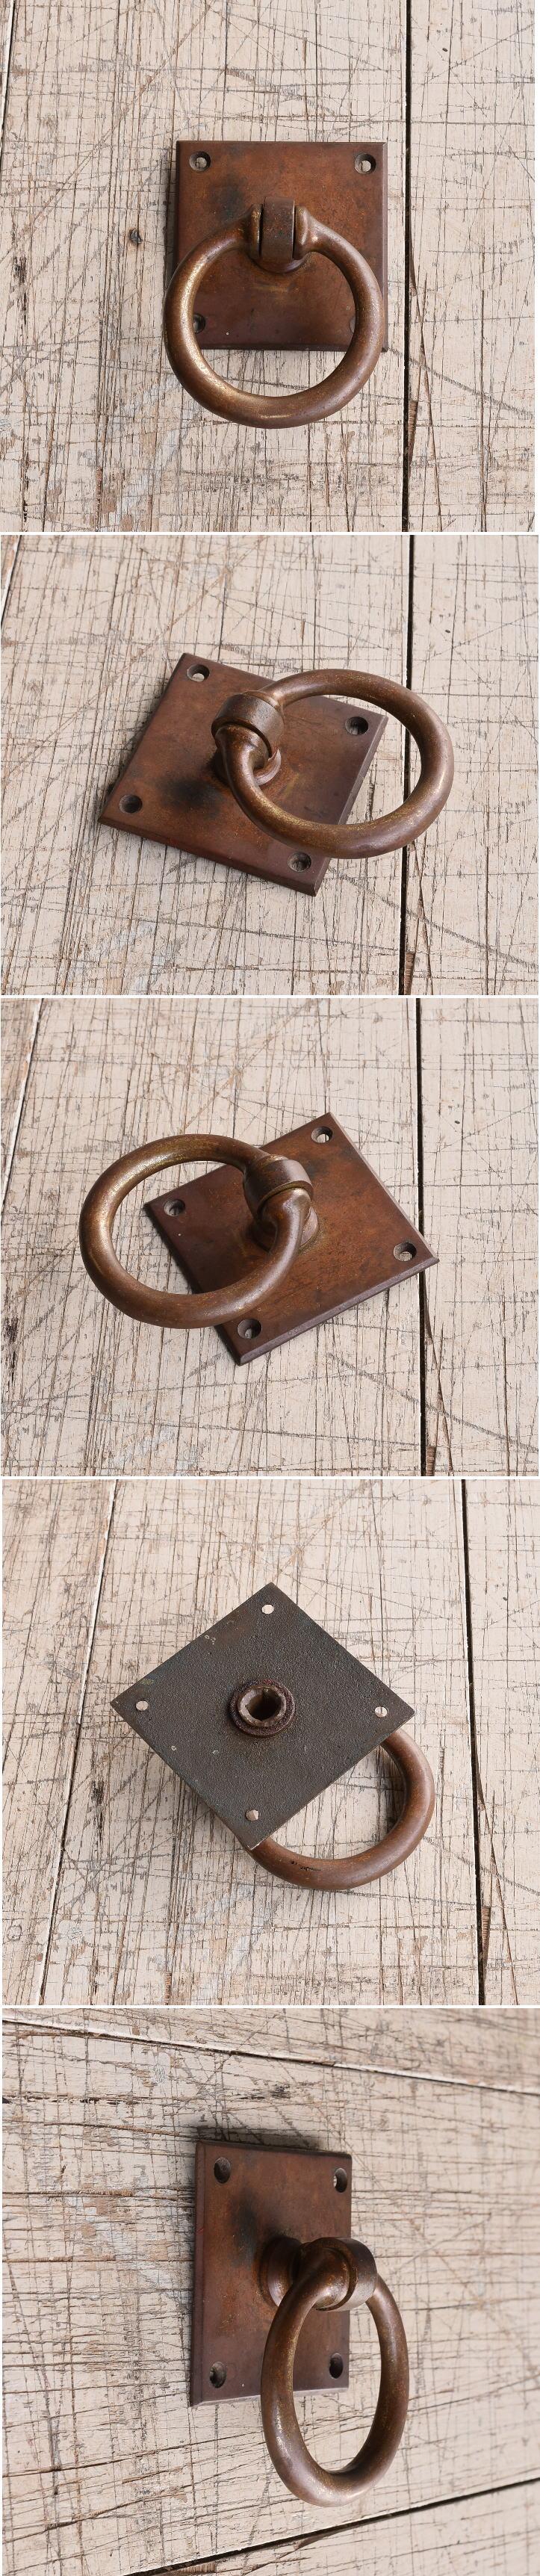 イギリス アンティーク 真鍮製 取っ手 丸釻 9792